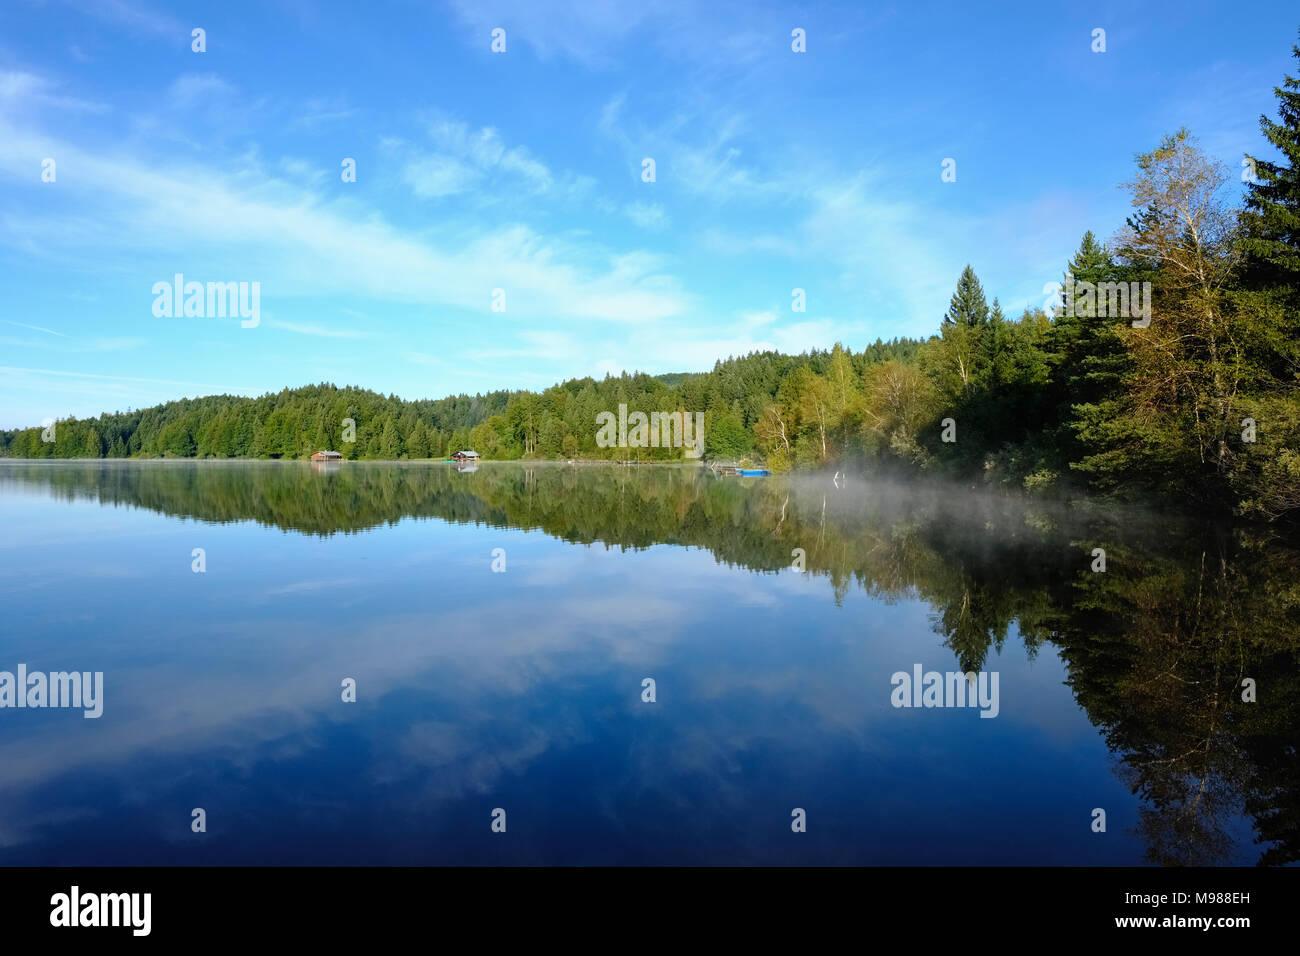 Kirchsee bei Sachsenkam, Tölzer Land, Oberbayern, Bayern, Deutschland - Stock Image